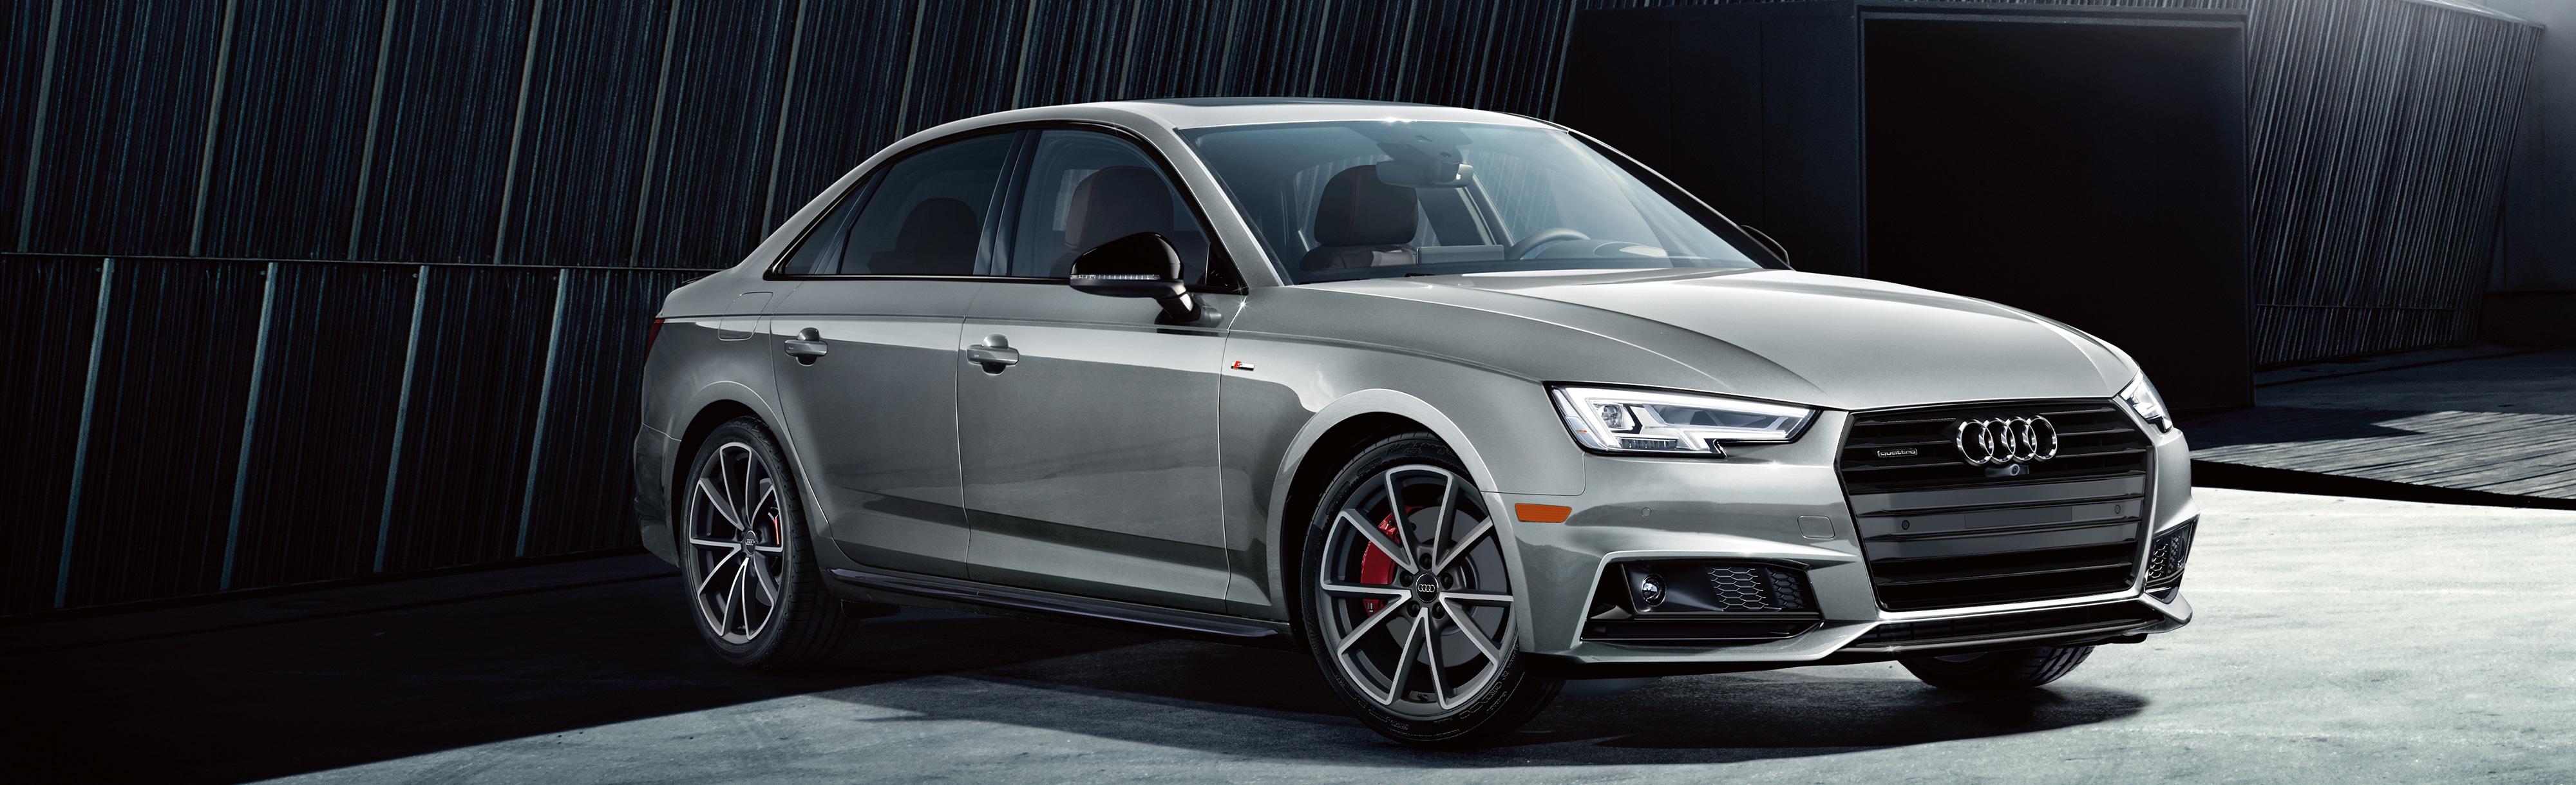 New Audi ASeries Models In Columbia SC Audi Columbia - Audi sedan models